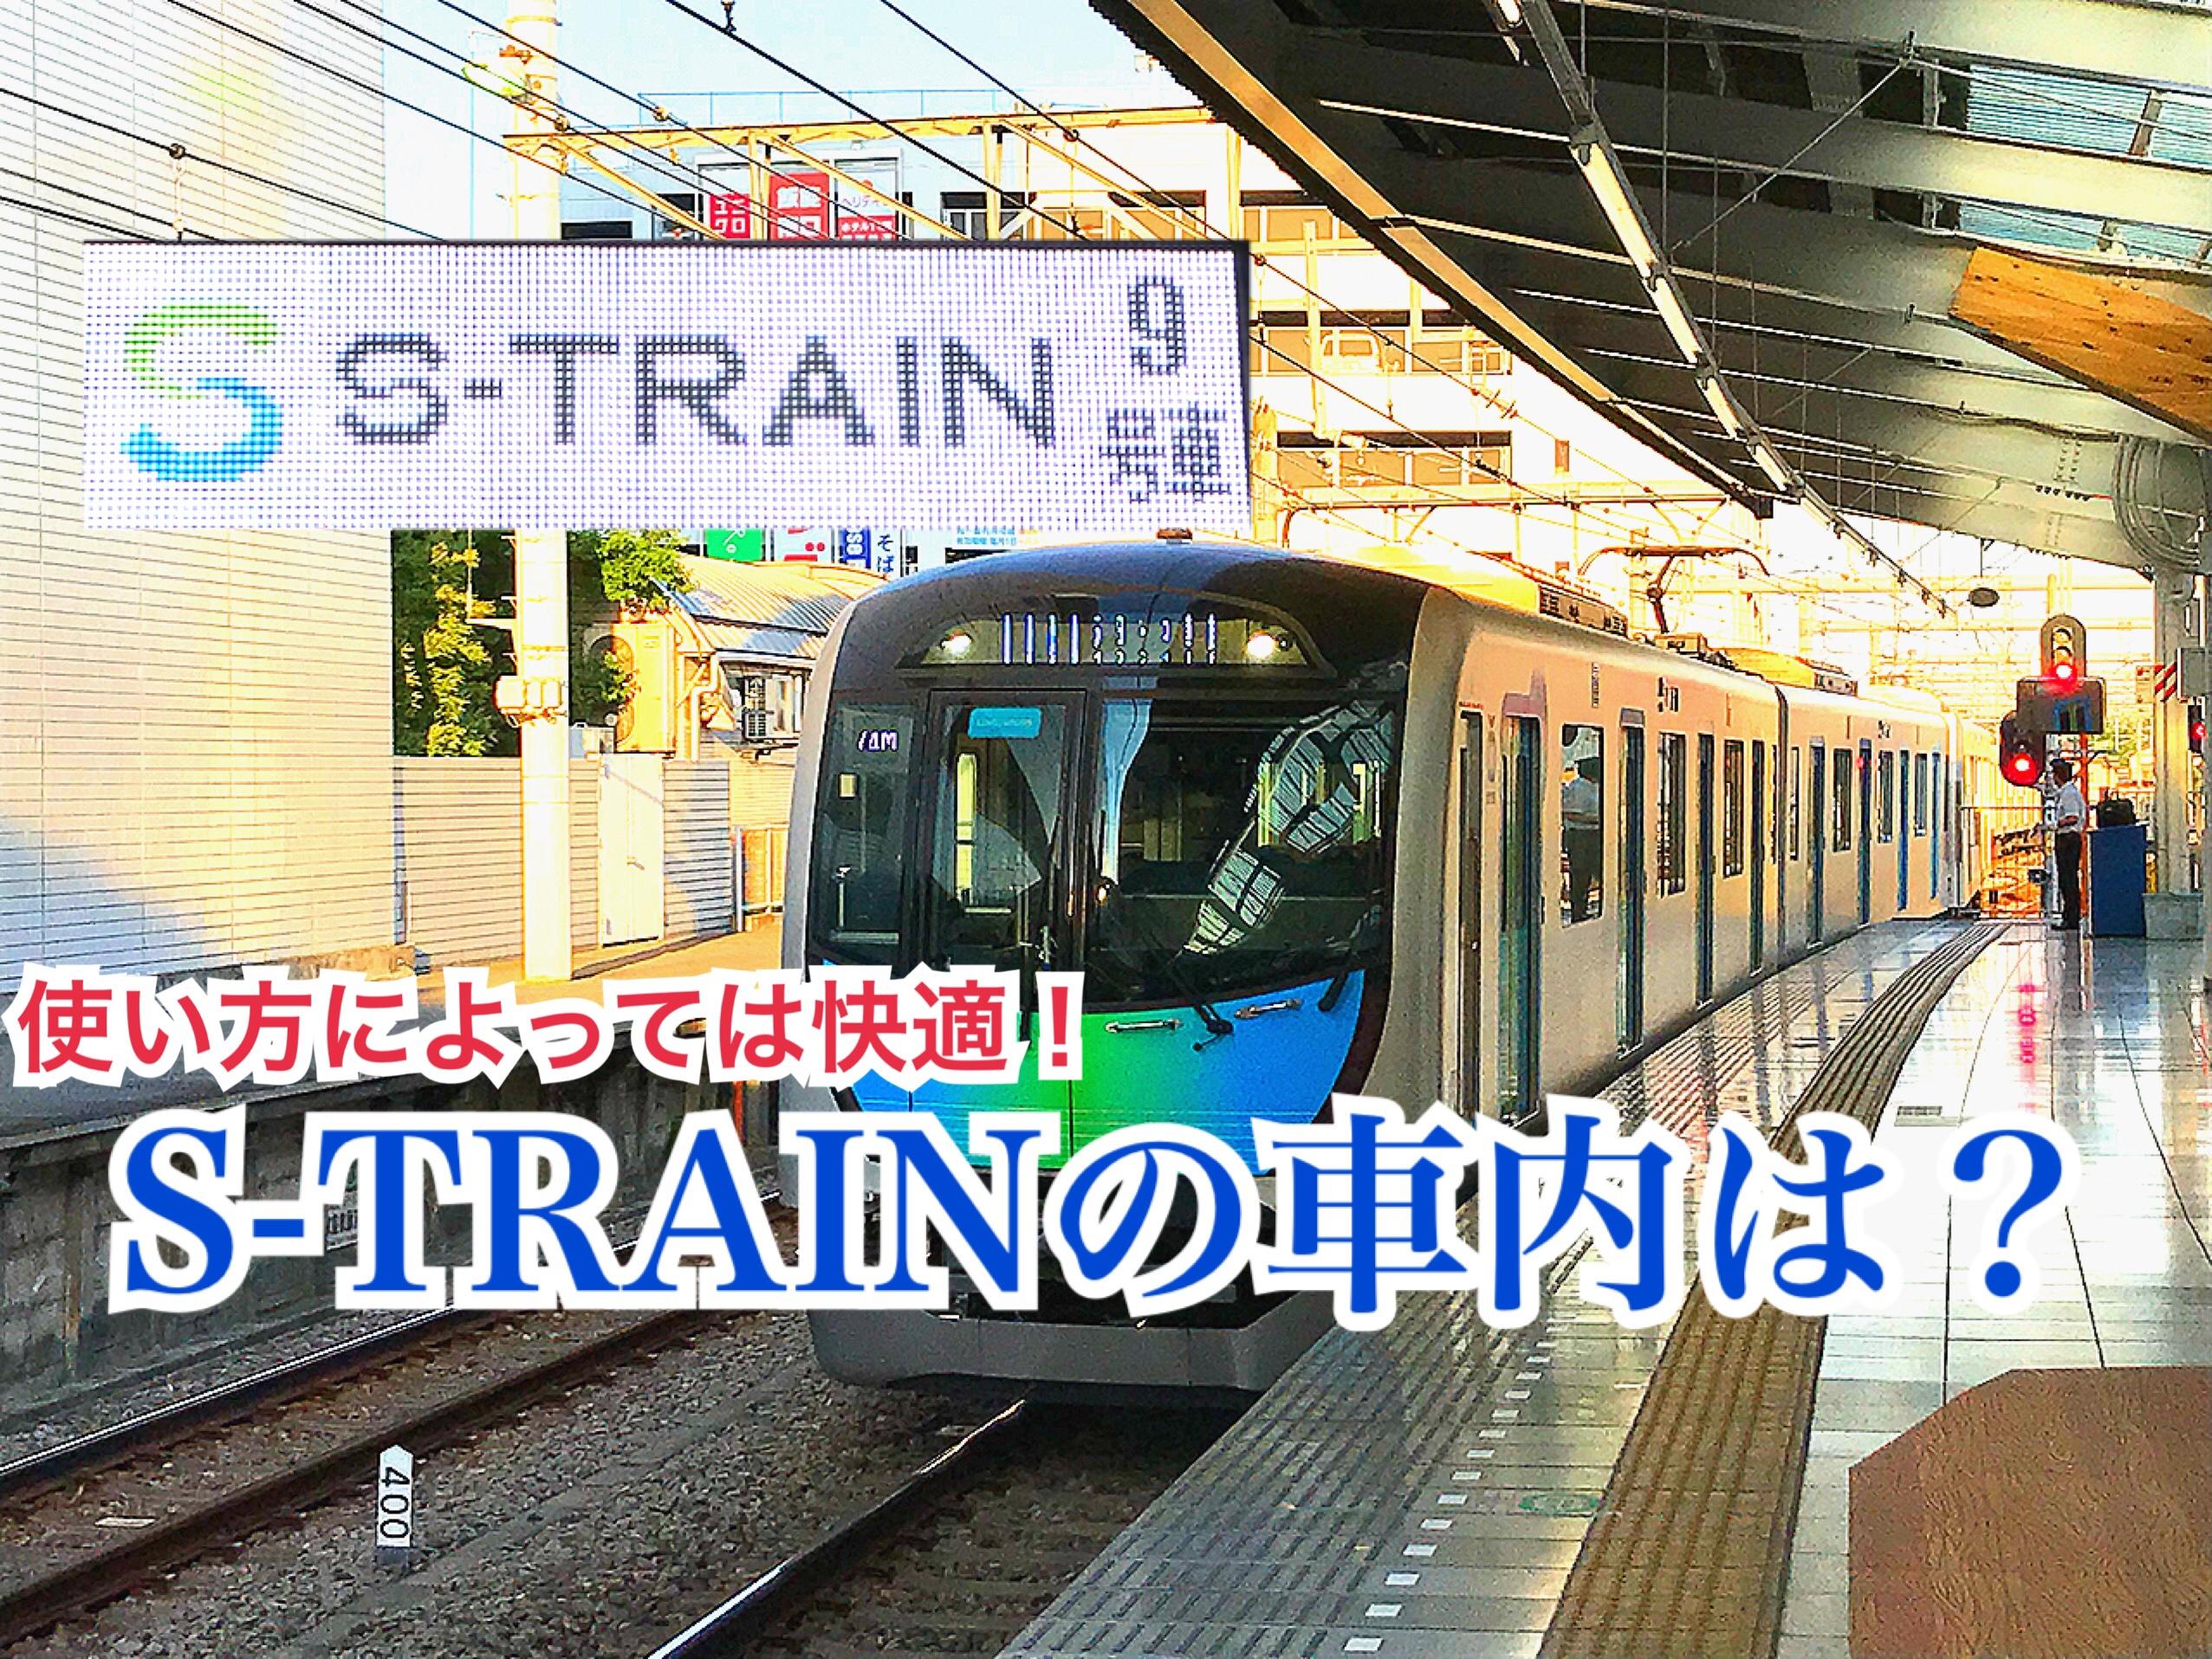 【S-TRAIN】車内をご紹介!S-TRAINを快適に使うには?【西武線の旅】